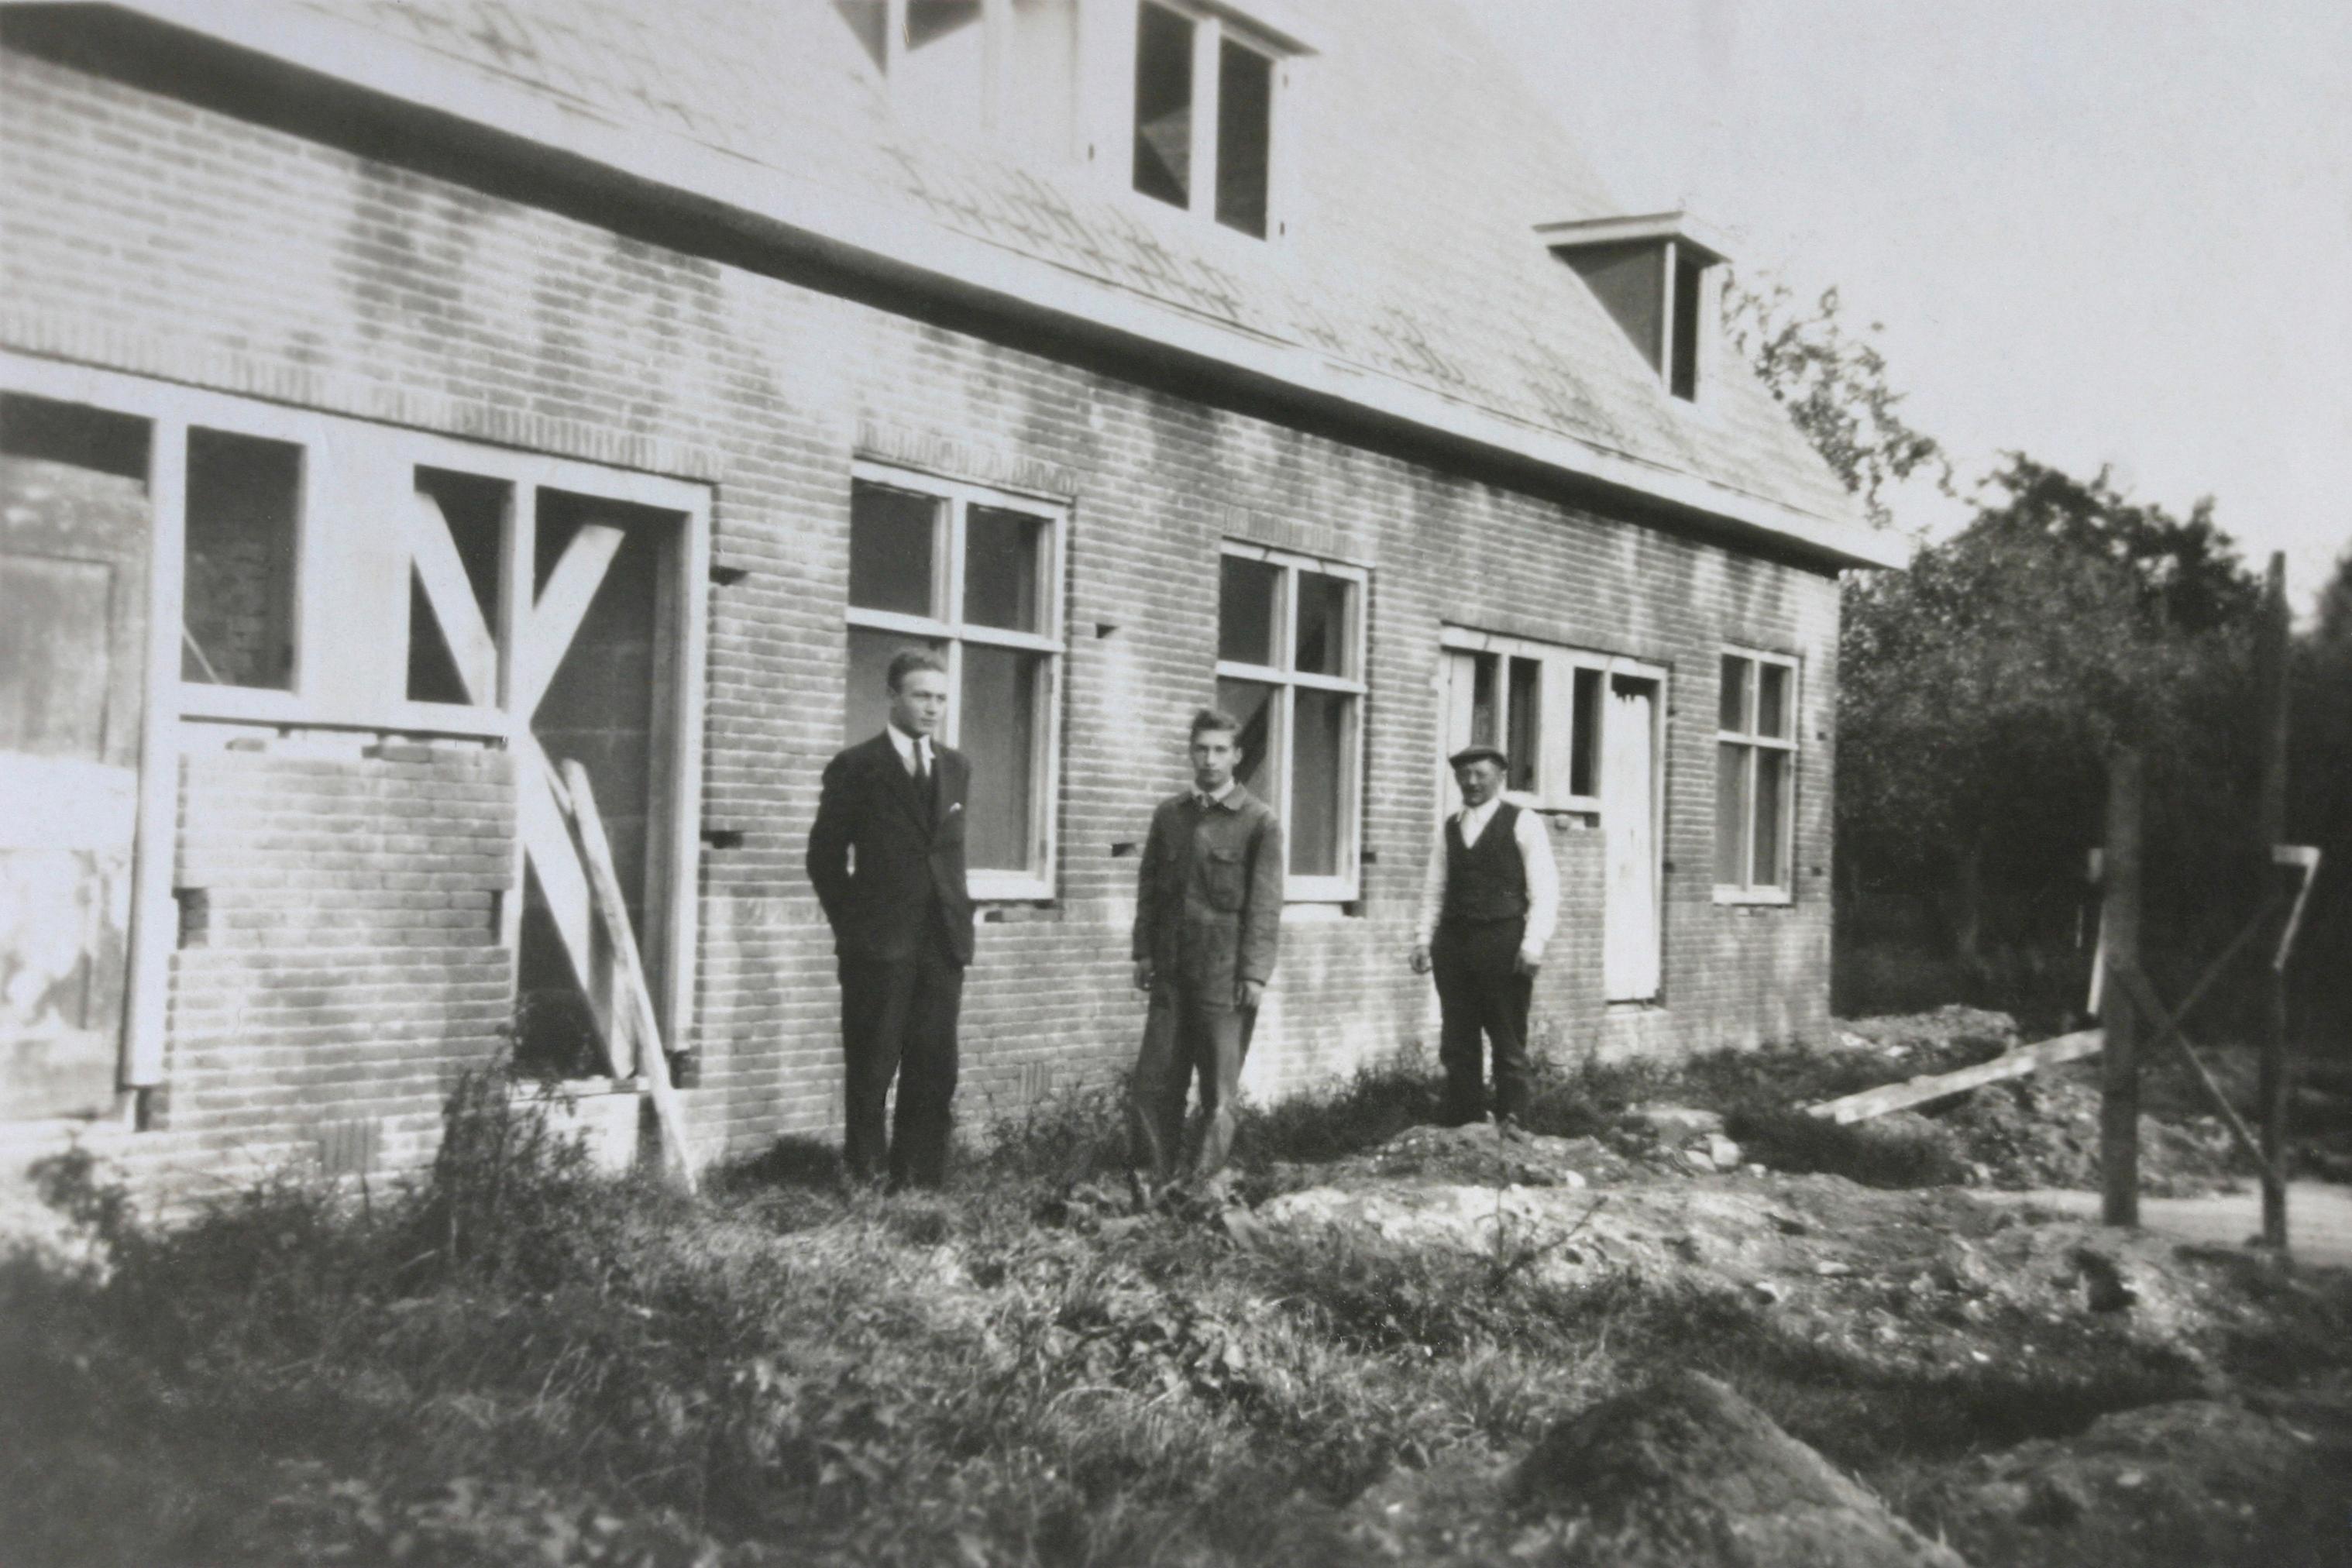 Willem, Corstiaan en Anthon Verheij